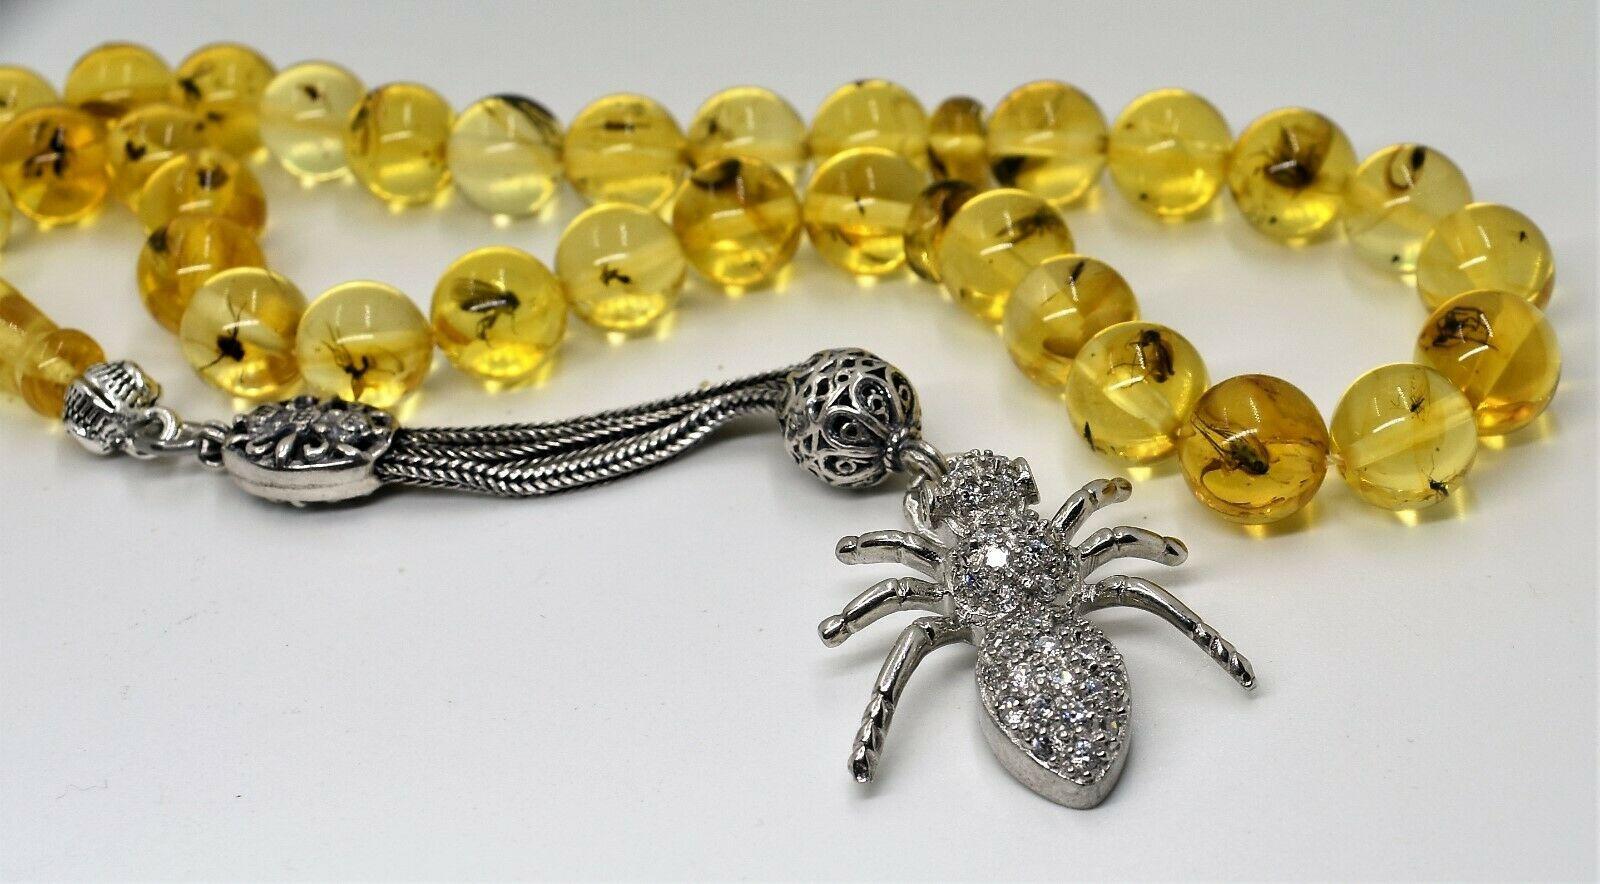 Insekt Bernstein Natural Baltic Amber Tesbih Kehribar Insekt Quaste Silber 925 Armband Mit Anhangern Insekten Silber 925